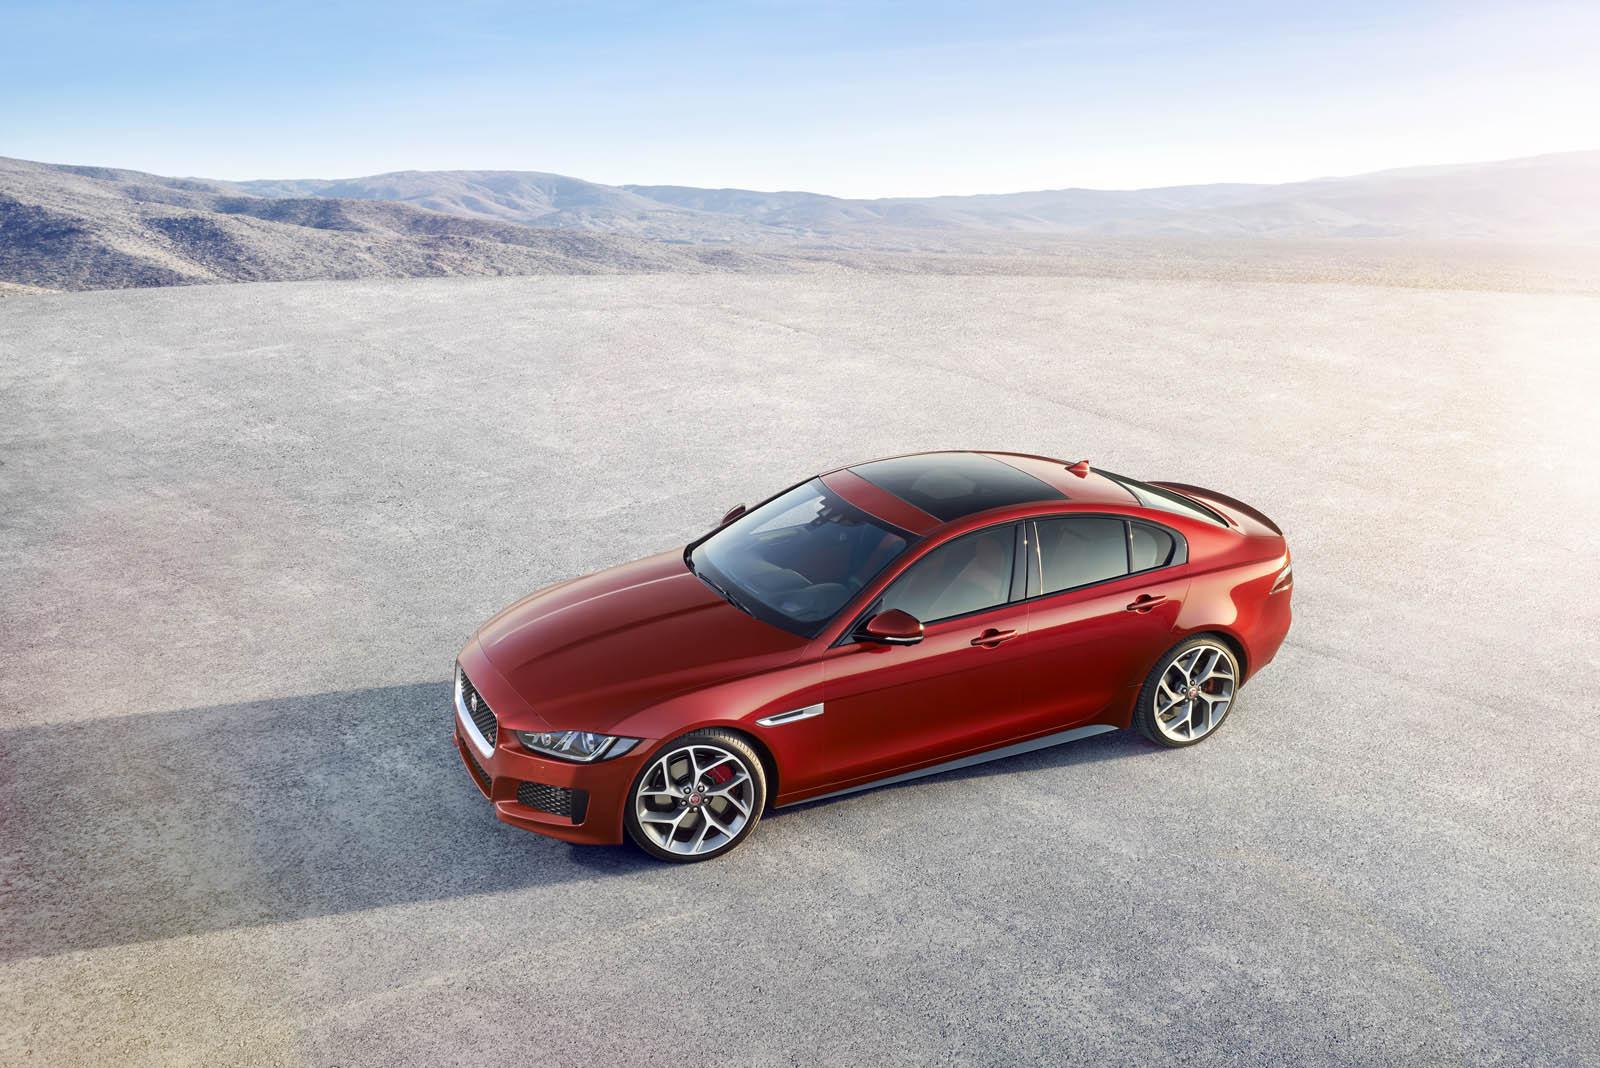 Nouvelle Jaguar XE (2015) : présentation officielle - French Driver